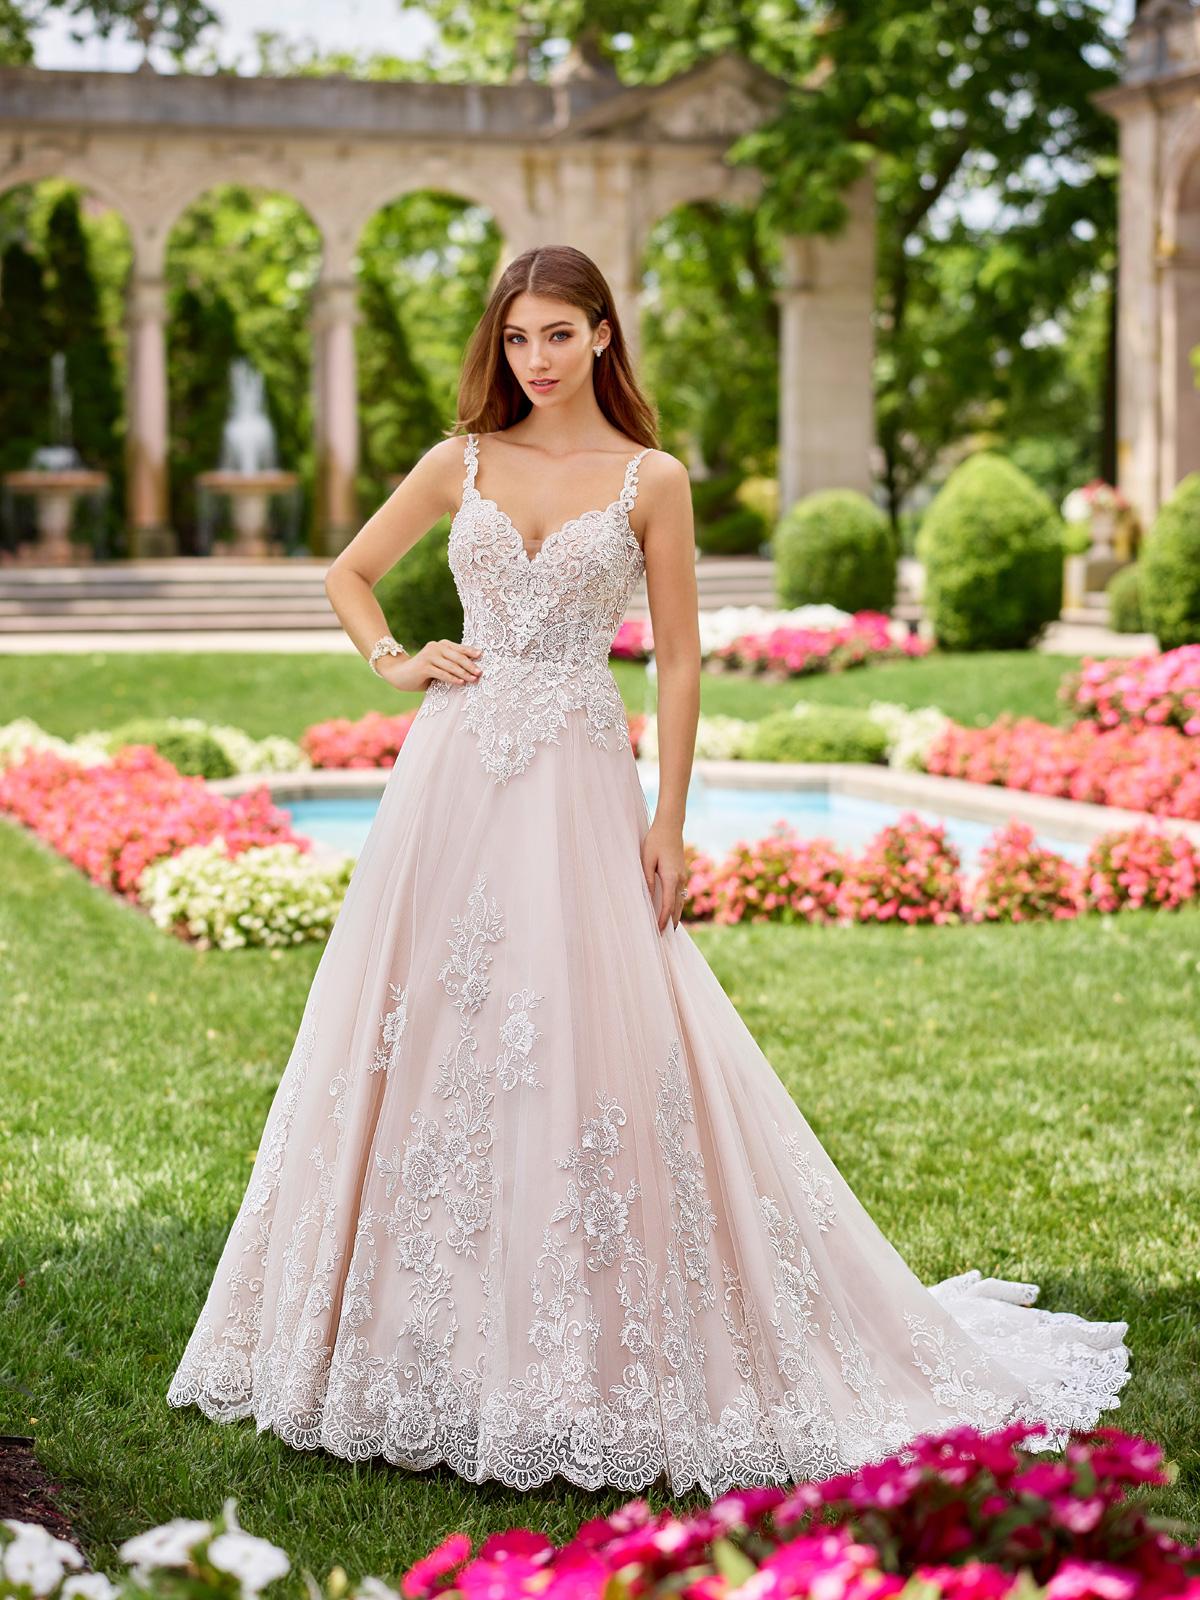 Vestido de Noiva charmoso com detalhe de alças e decote princesa, corpo acinturado com transparência, saia com corte evasê todo confeccionado em renda bordada em fio de seda e cauda média.